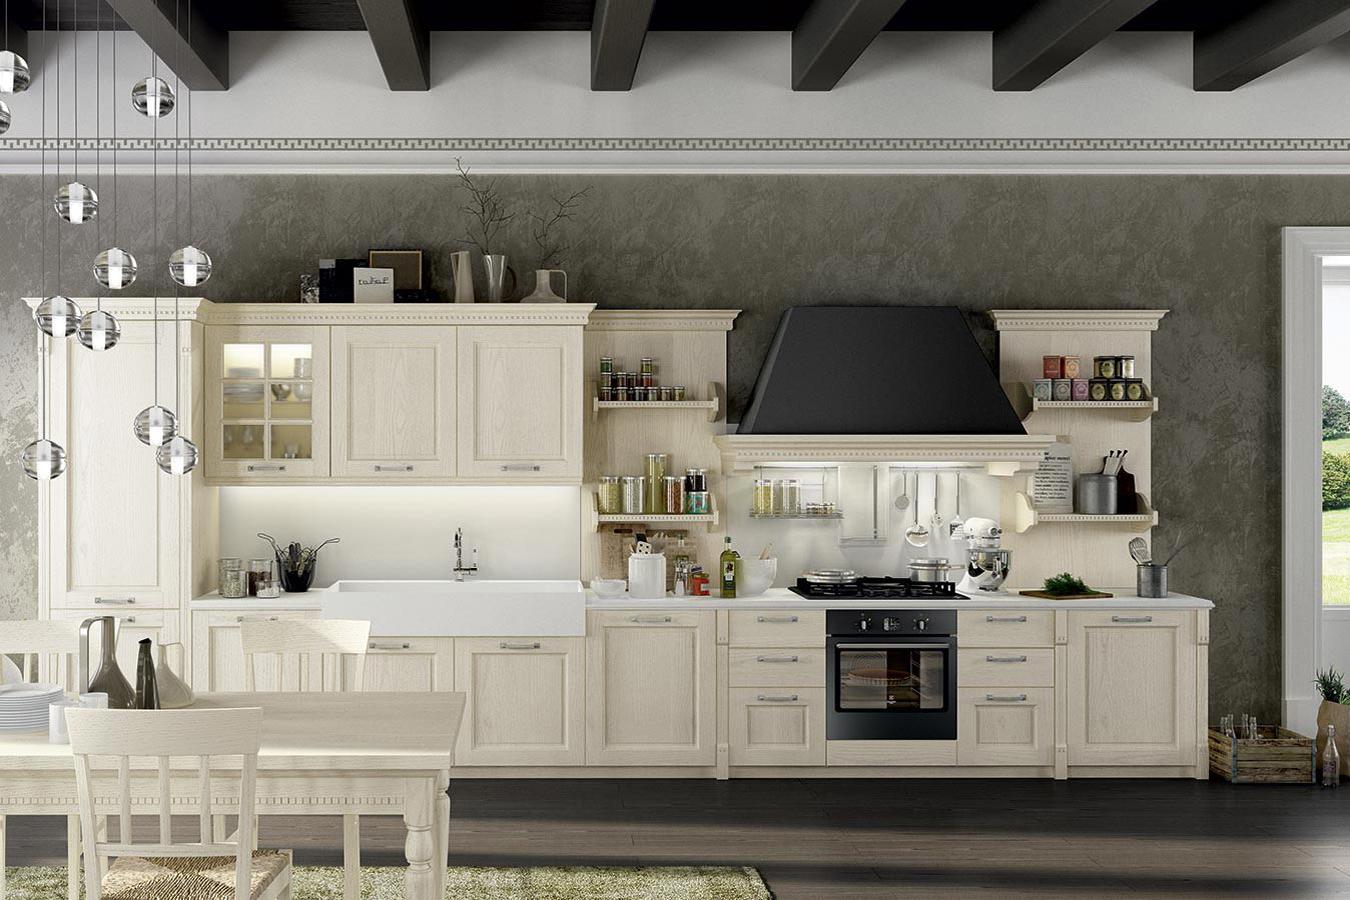 Cucine Arredamento Piemonte.Cucina Classica Virginia Di Arredo3 Righetti Mobili Novara